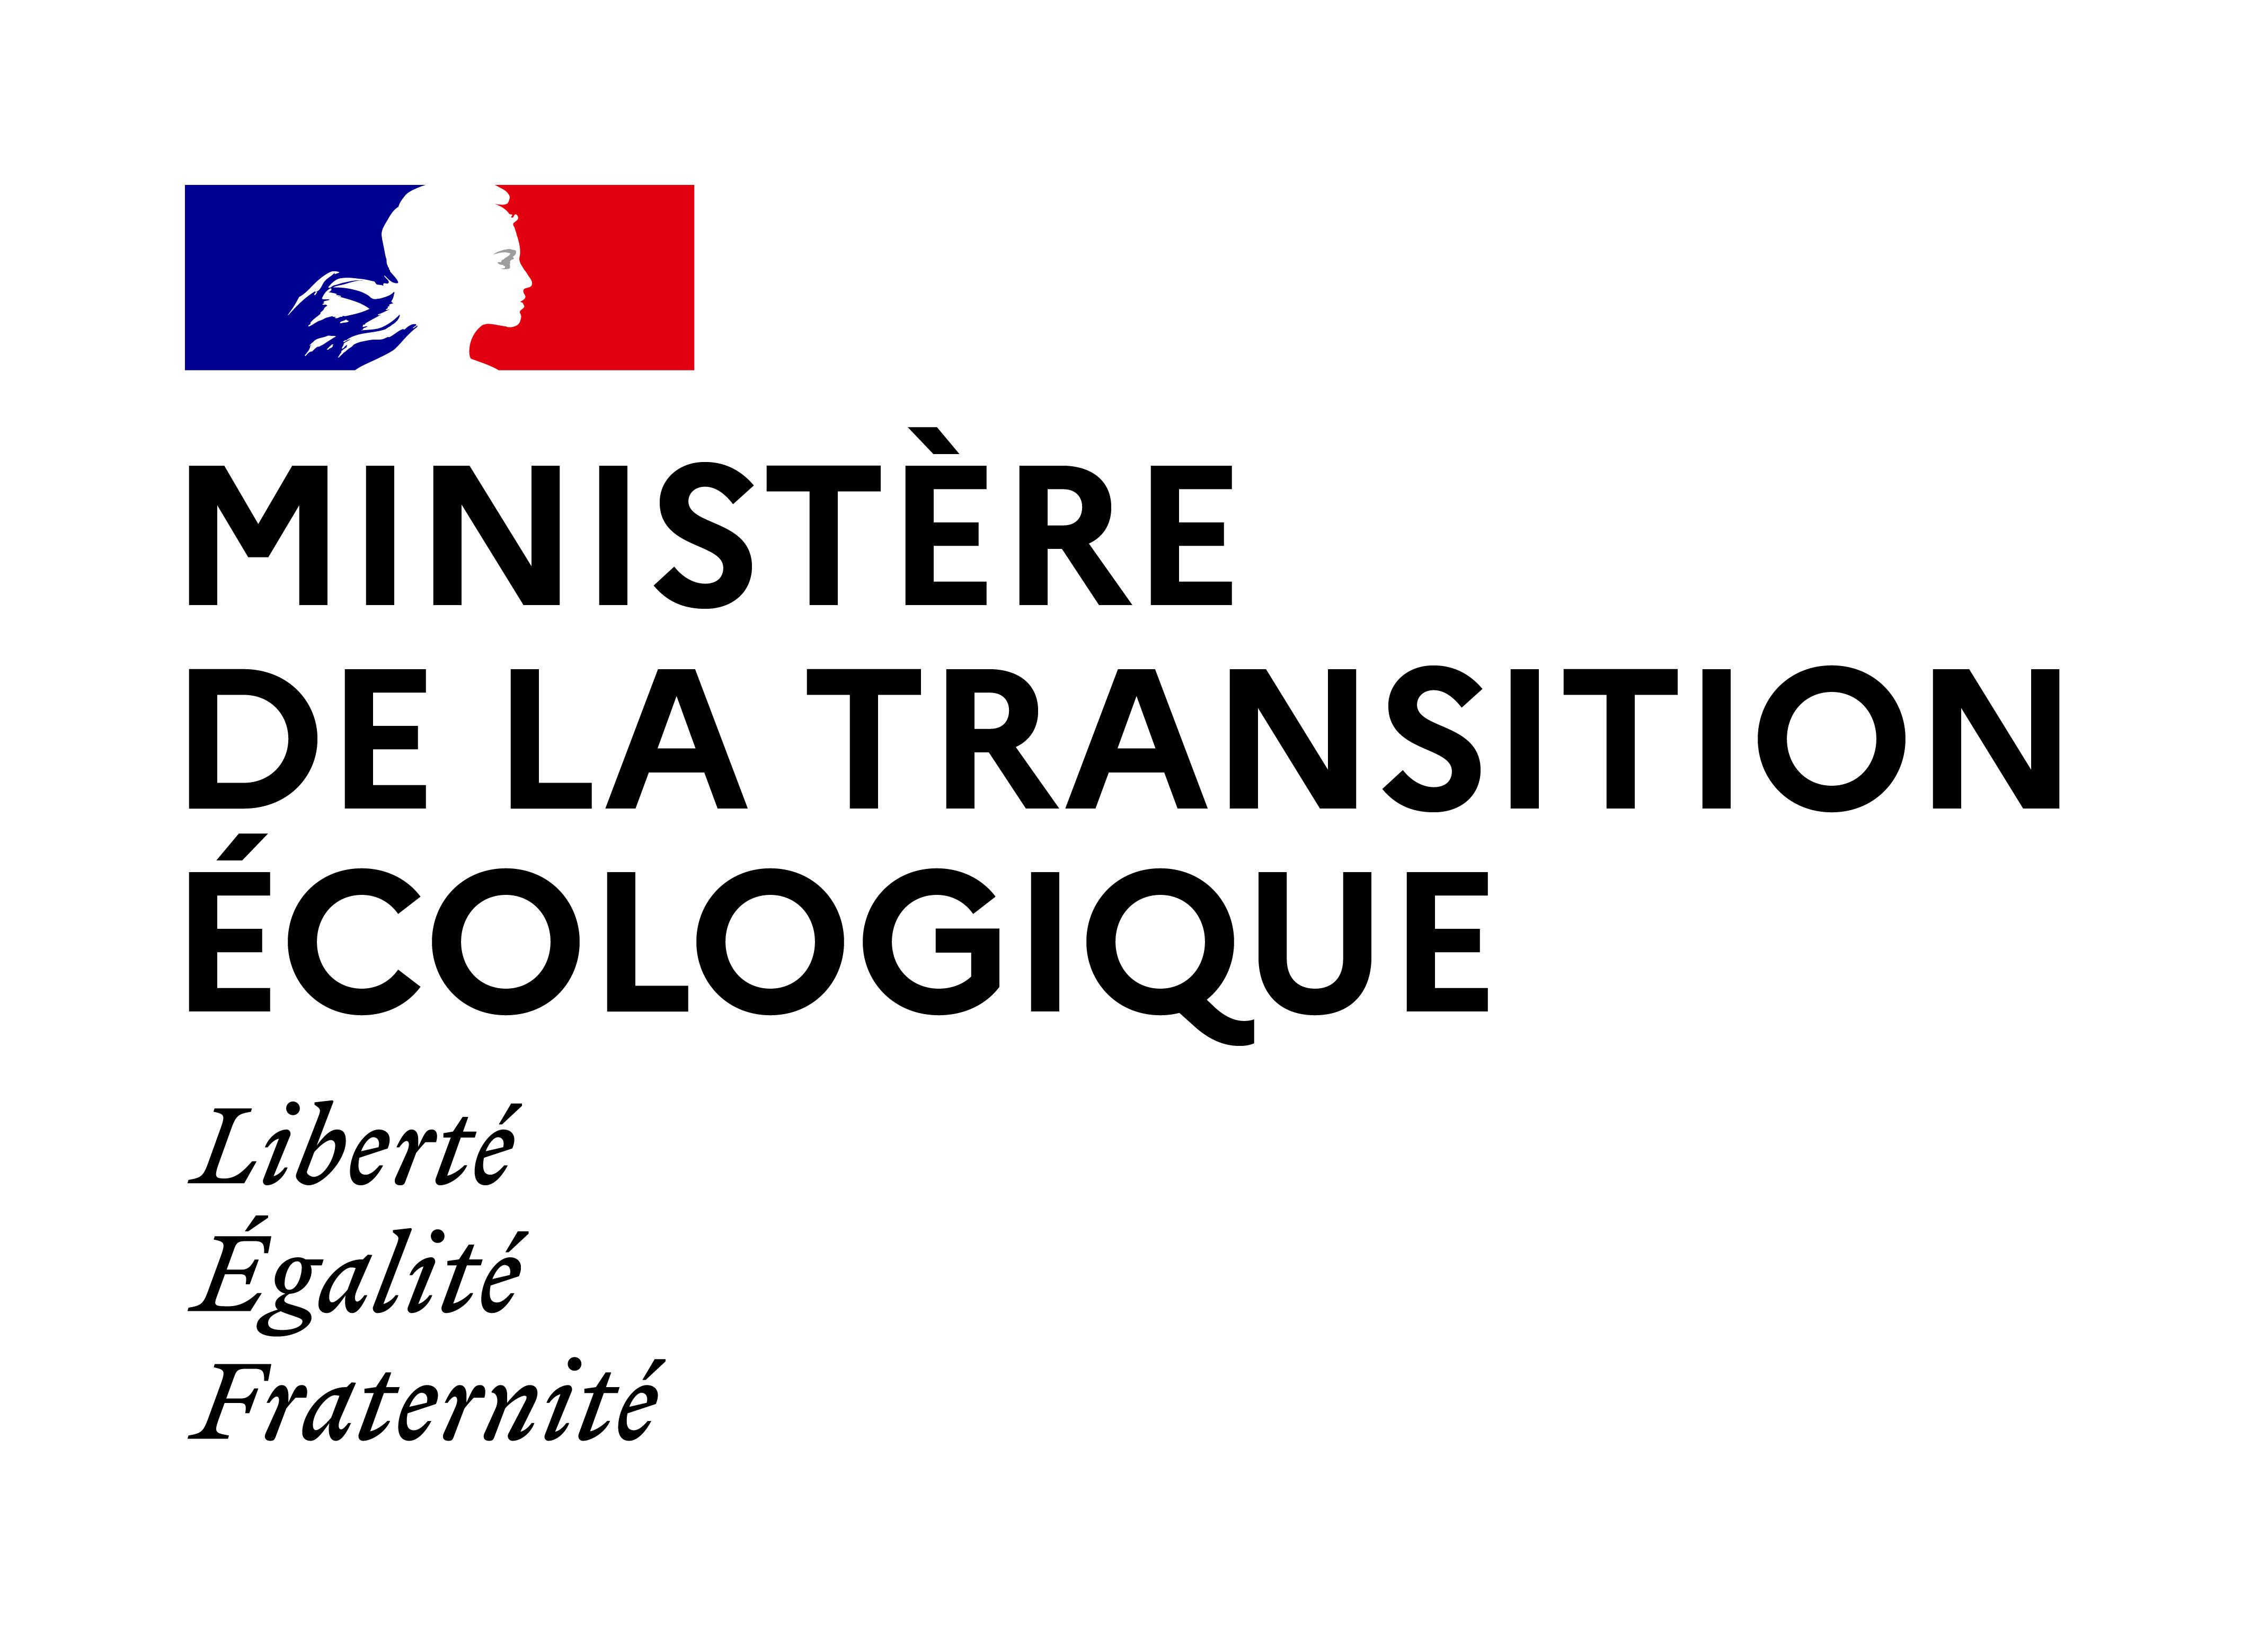 Logo Ministero della Transizione Ecologica francese